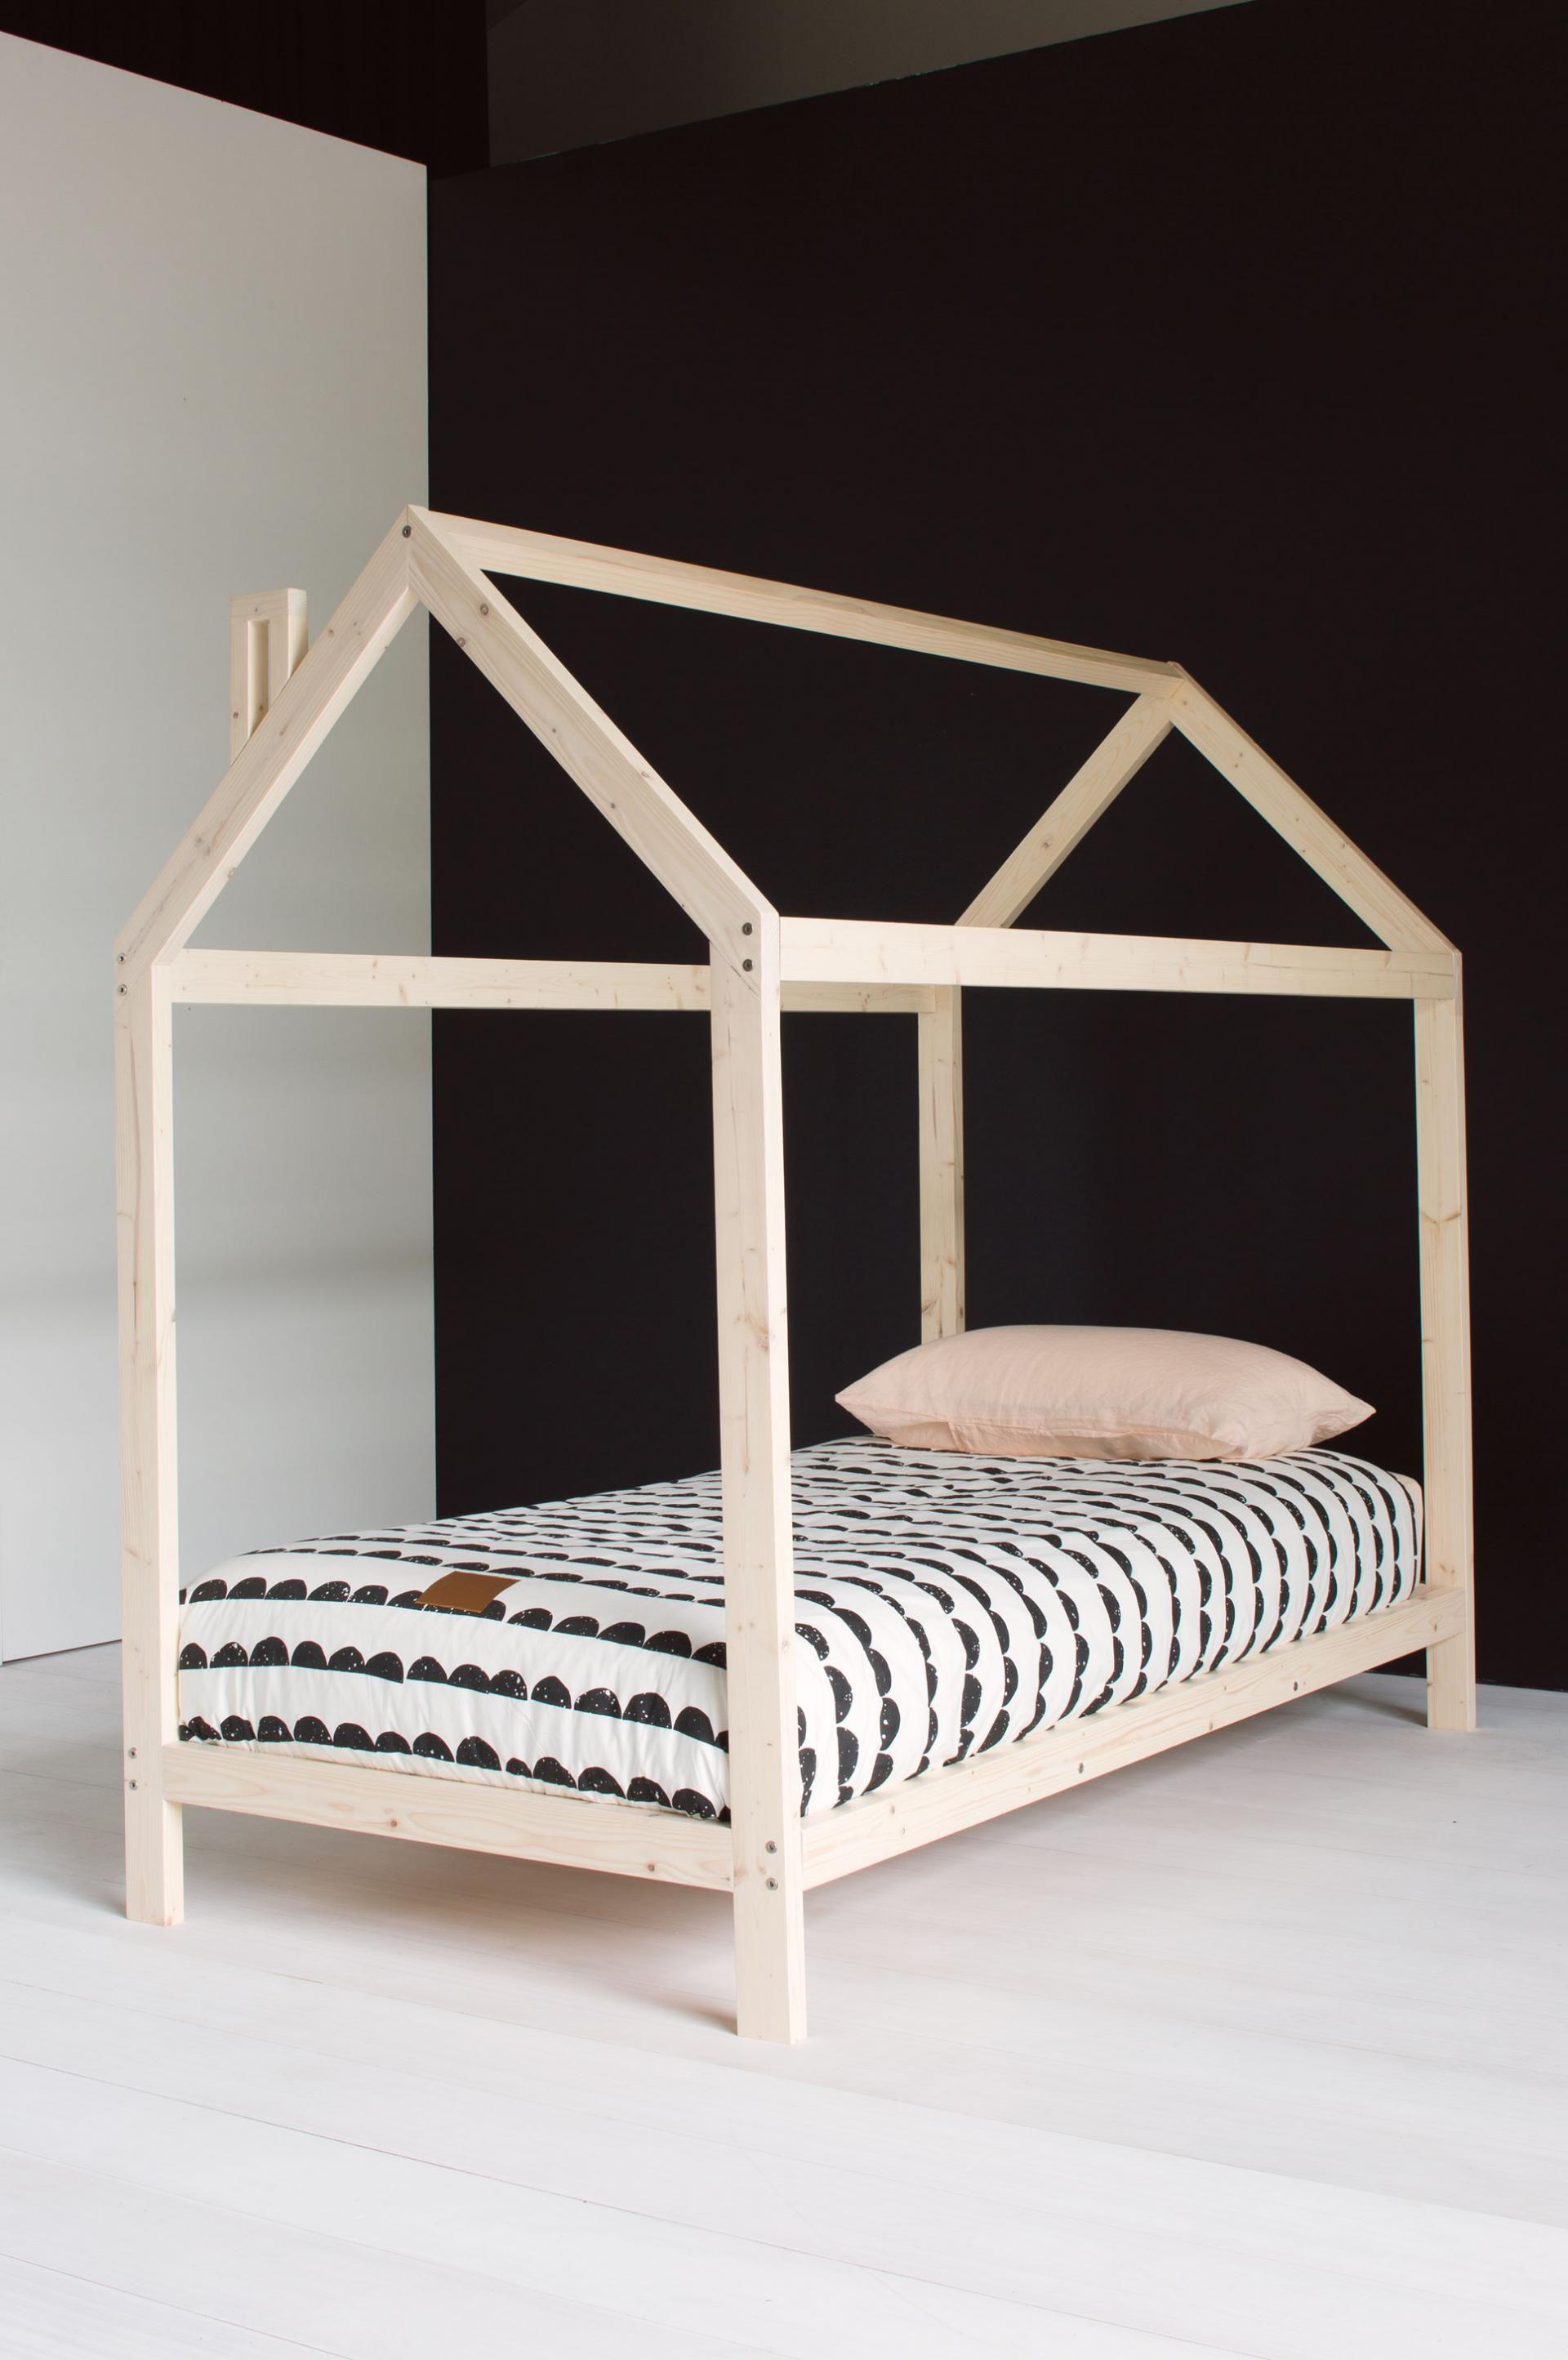 childs wooden house bed frame - Kid Bed Frames